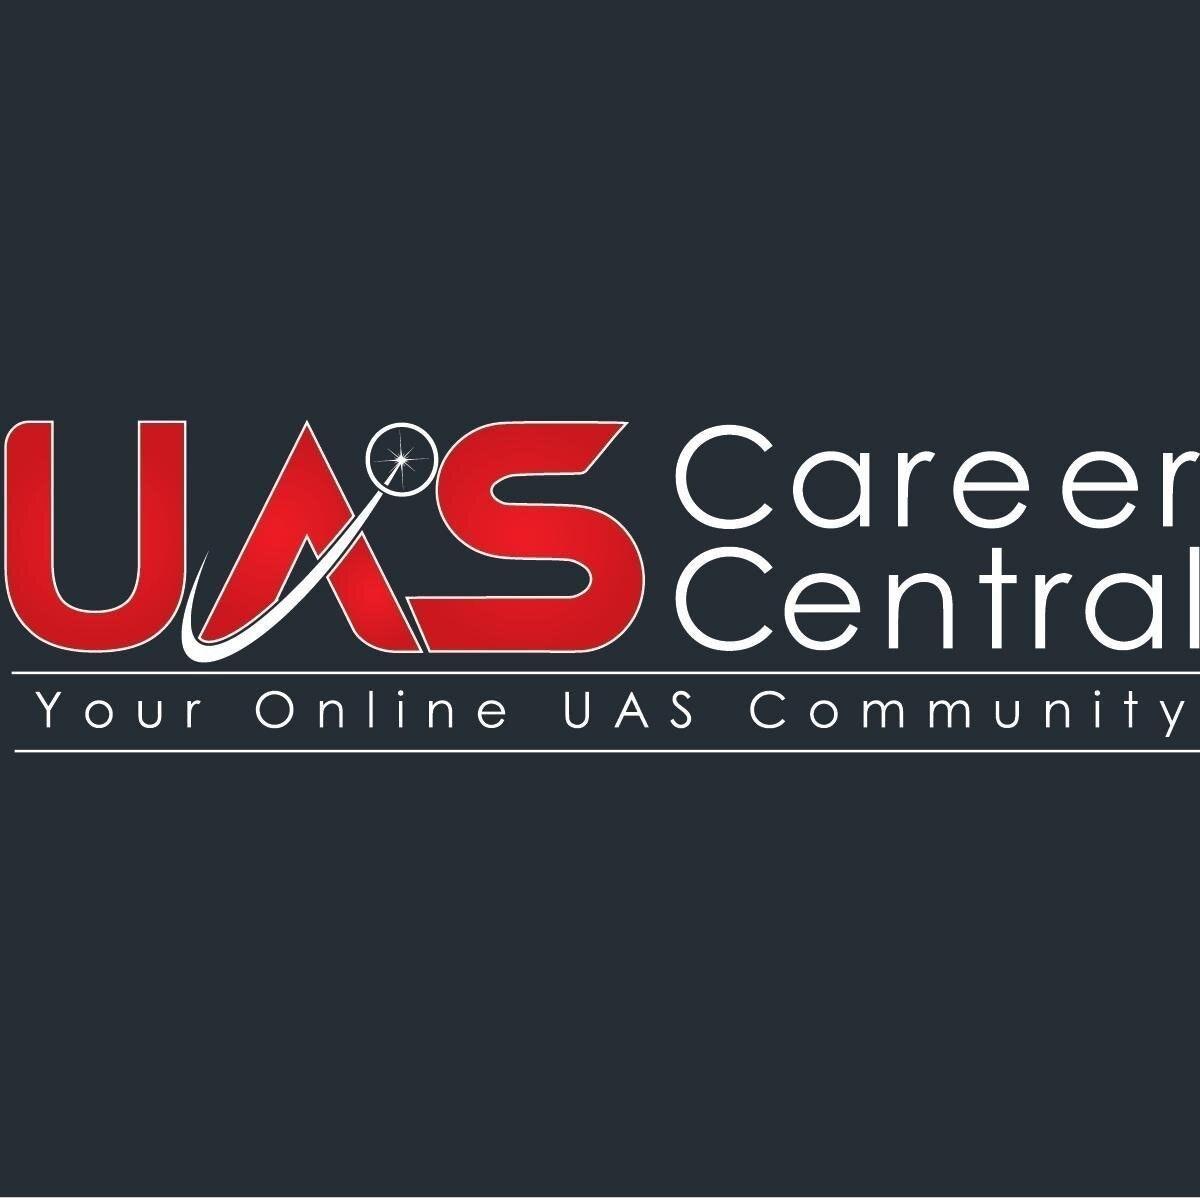 UAS Career Central